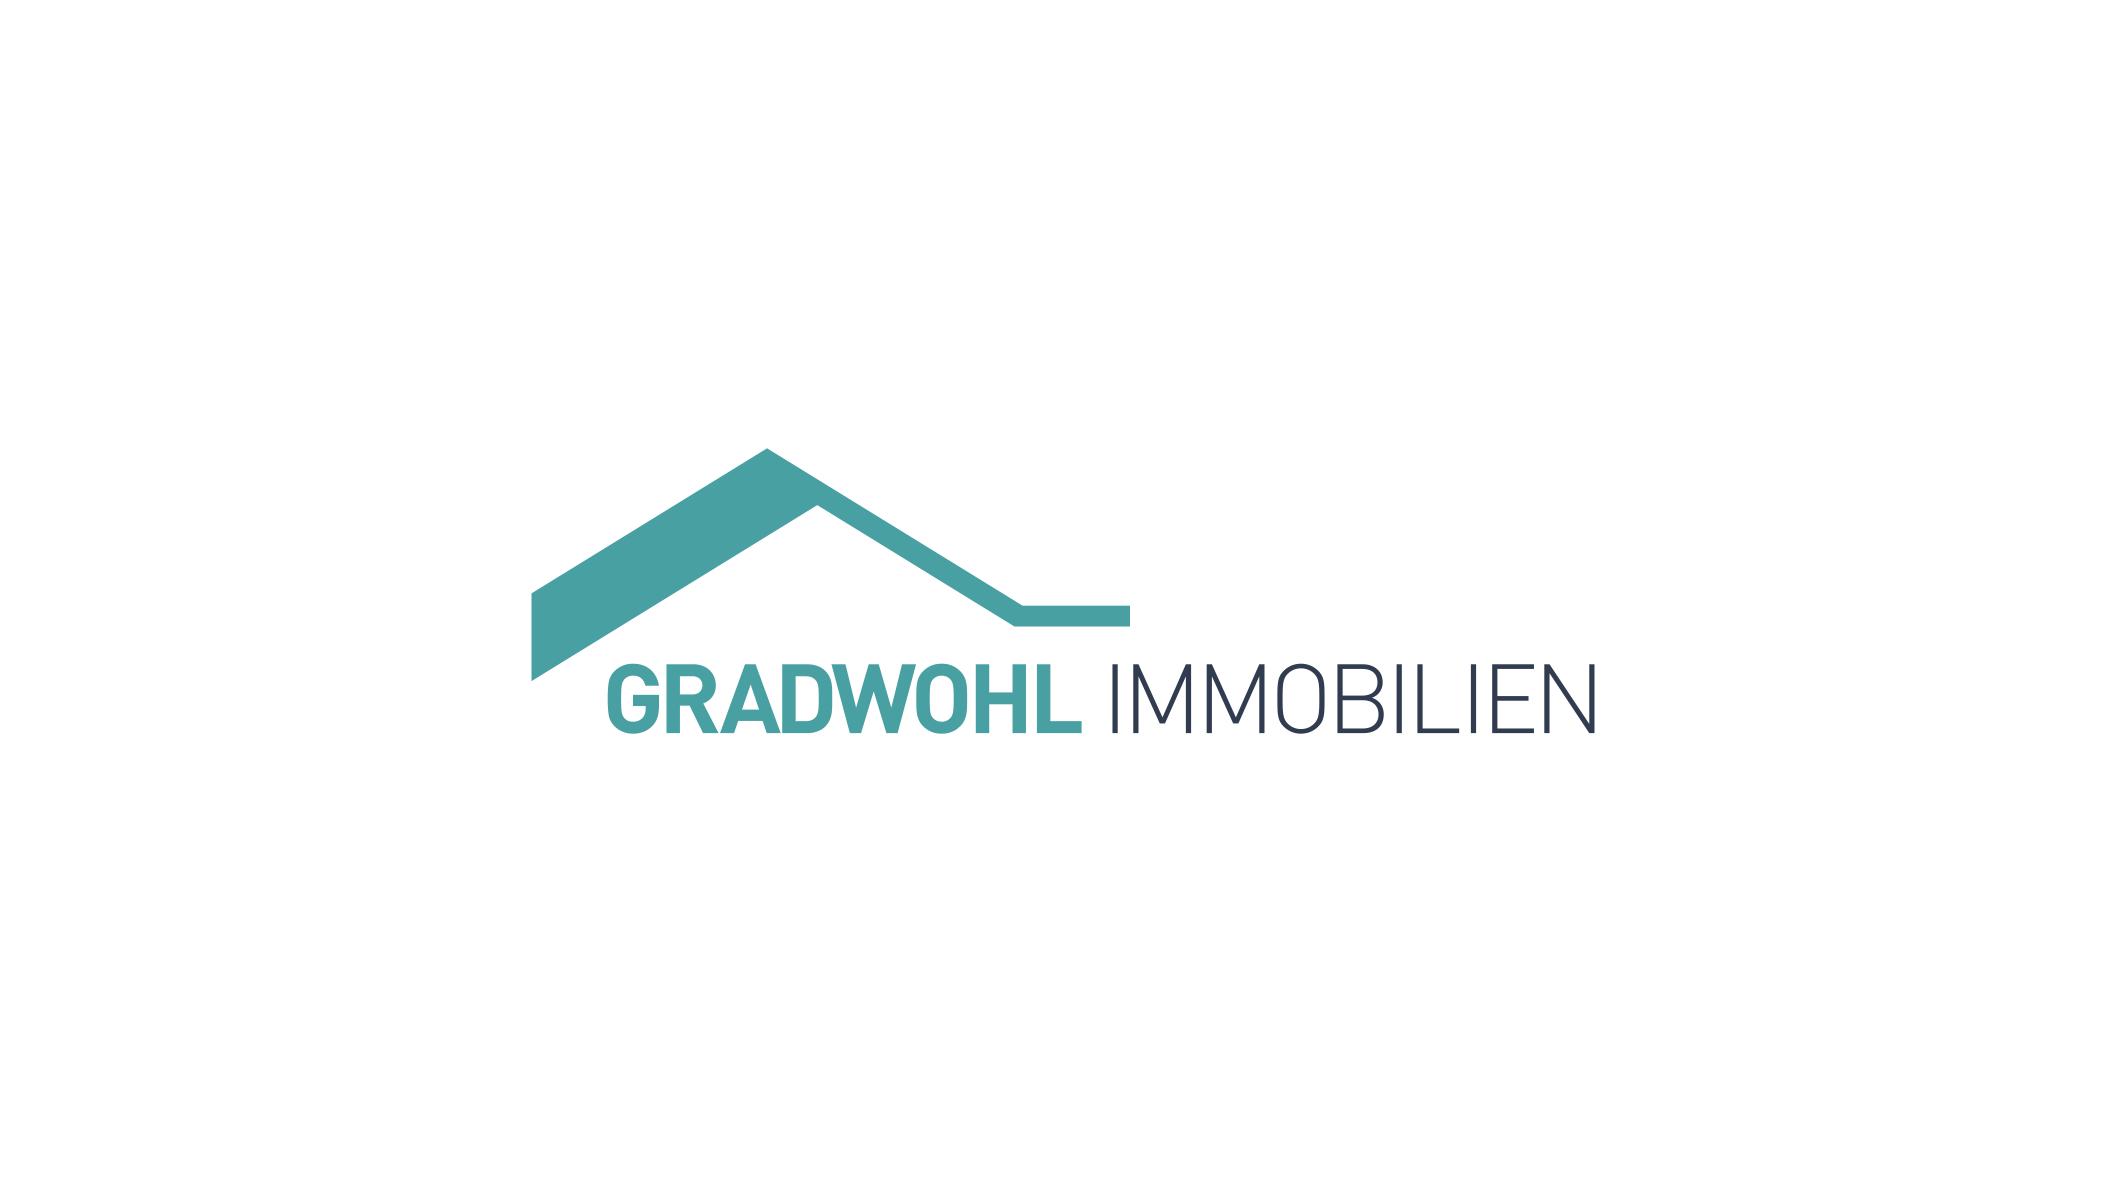 Hier sehen Sie das Logo von Gradwohl Immobilien